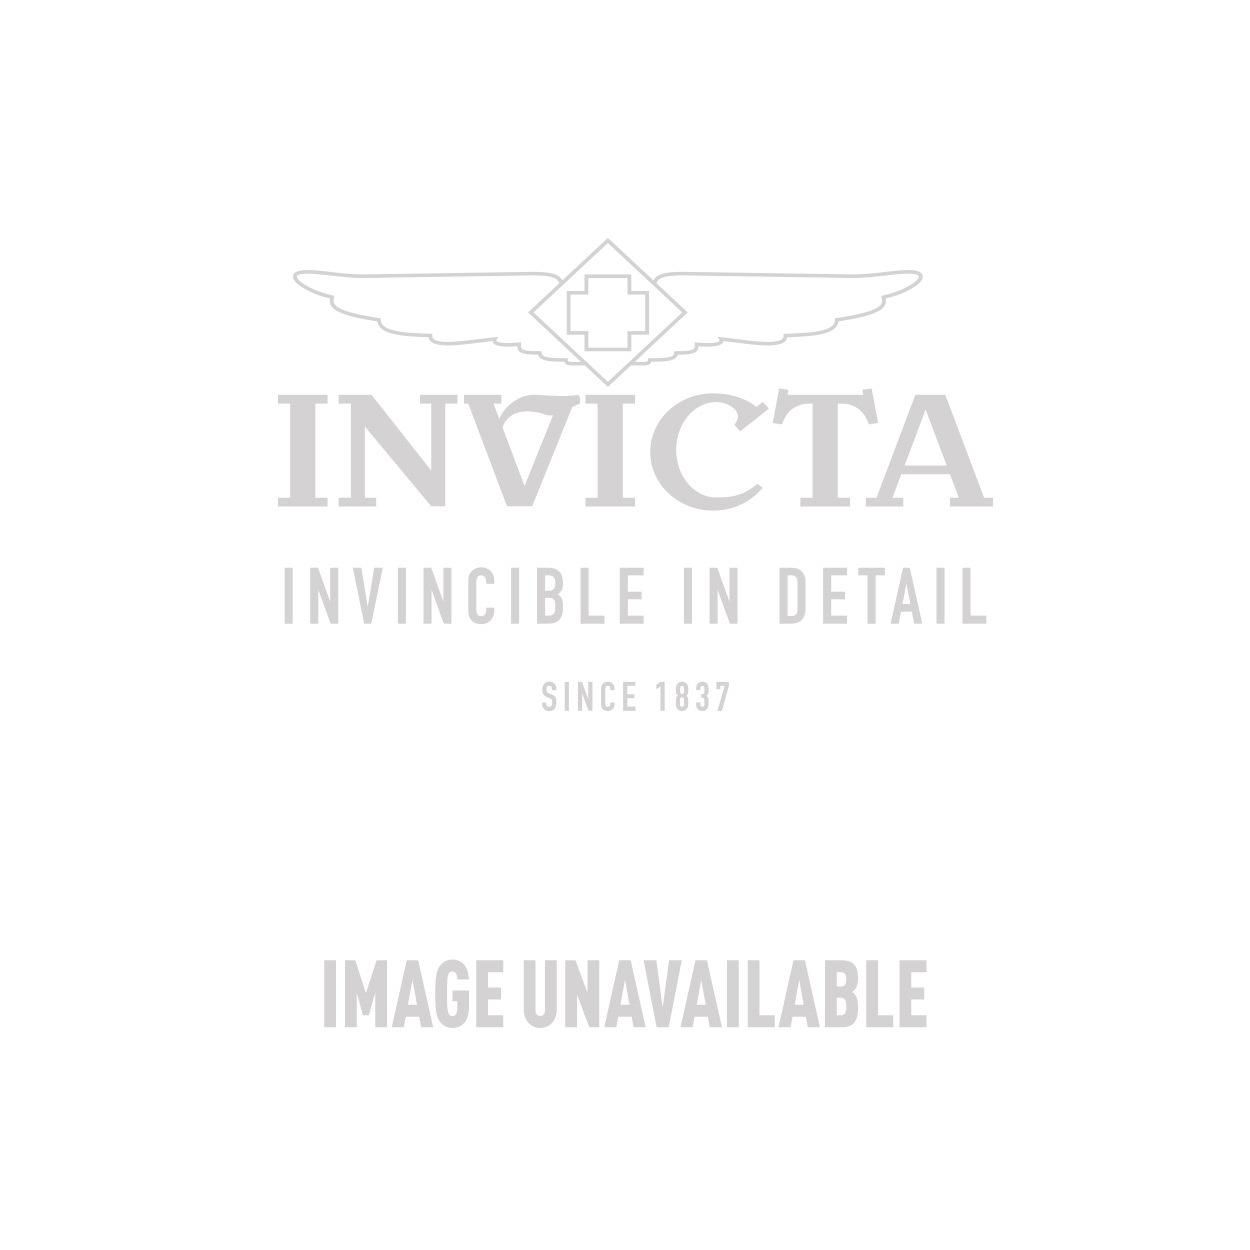 Invicta Model 25513